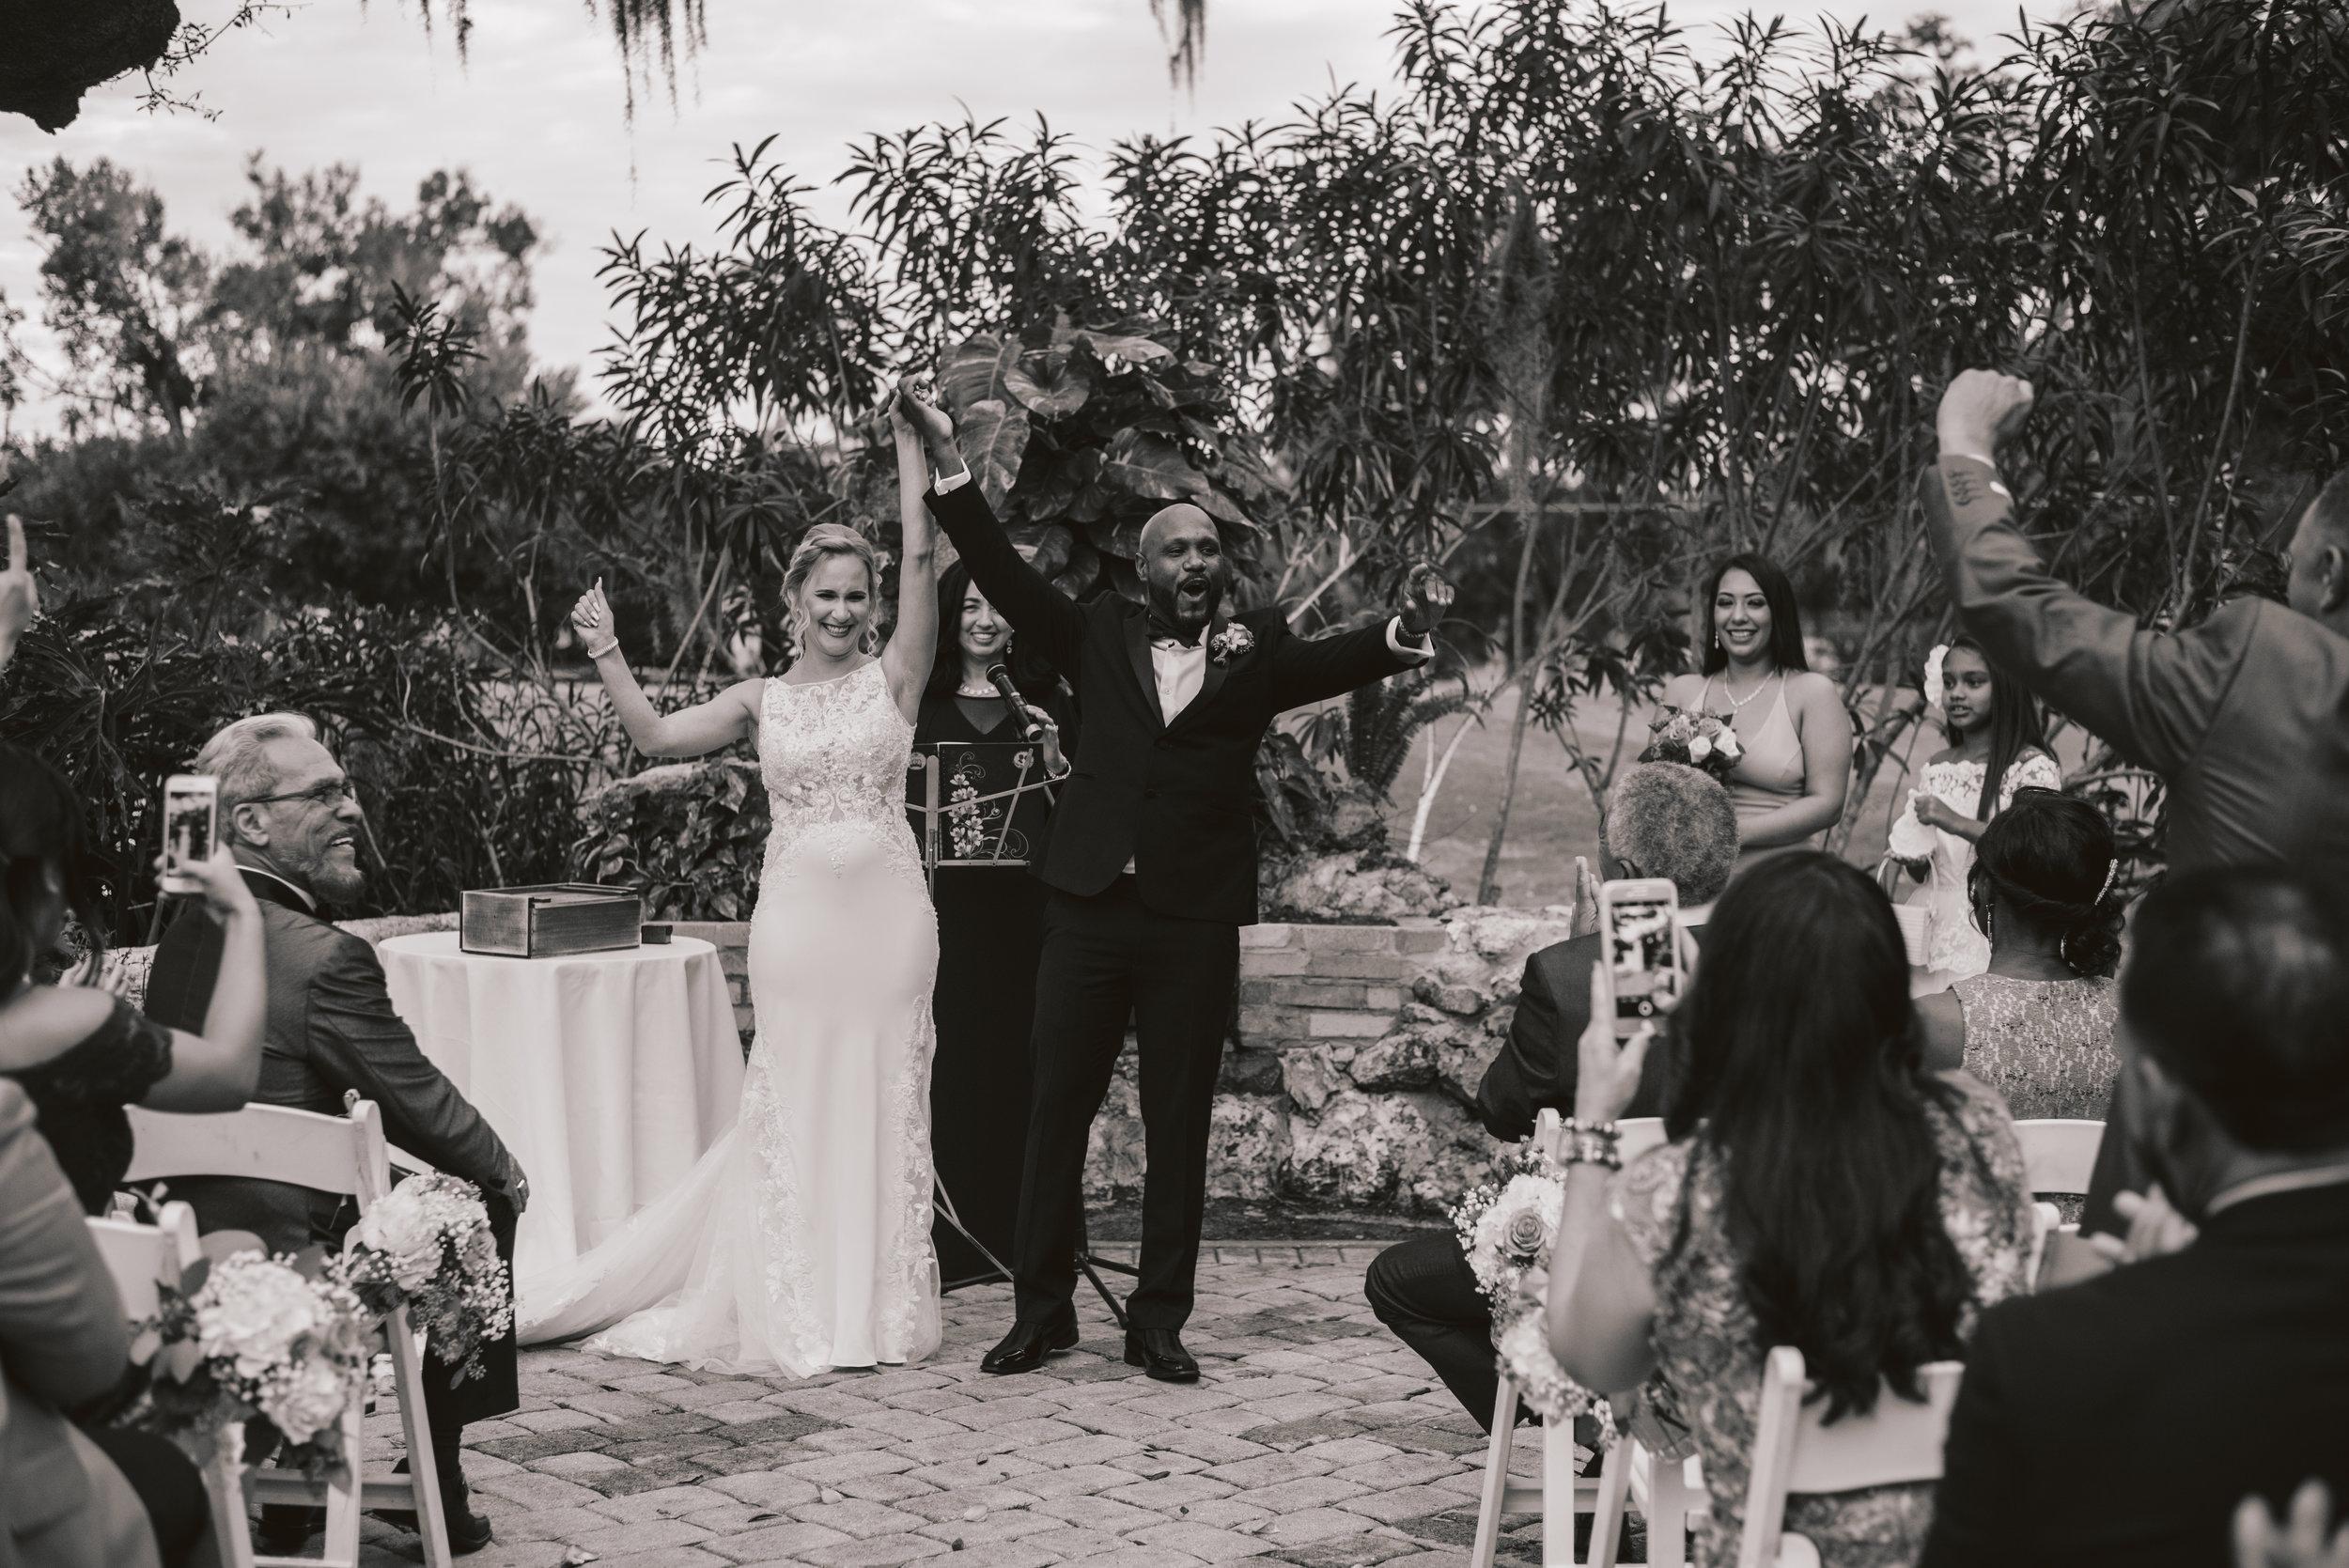 Los-Vargas-Photo-Wedding-Historic-Dubsdread-Ballroom-8497.jpg